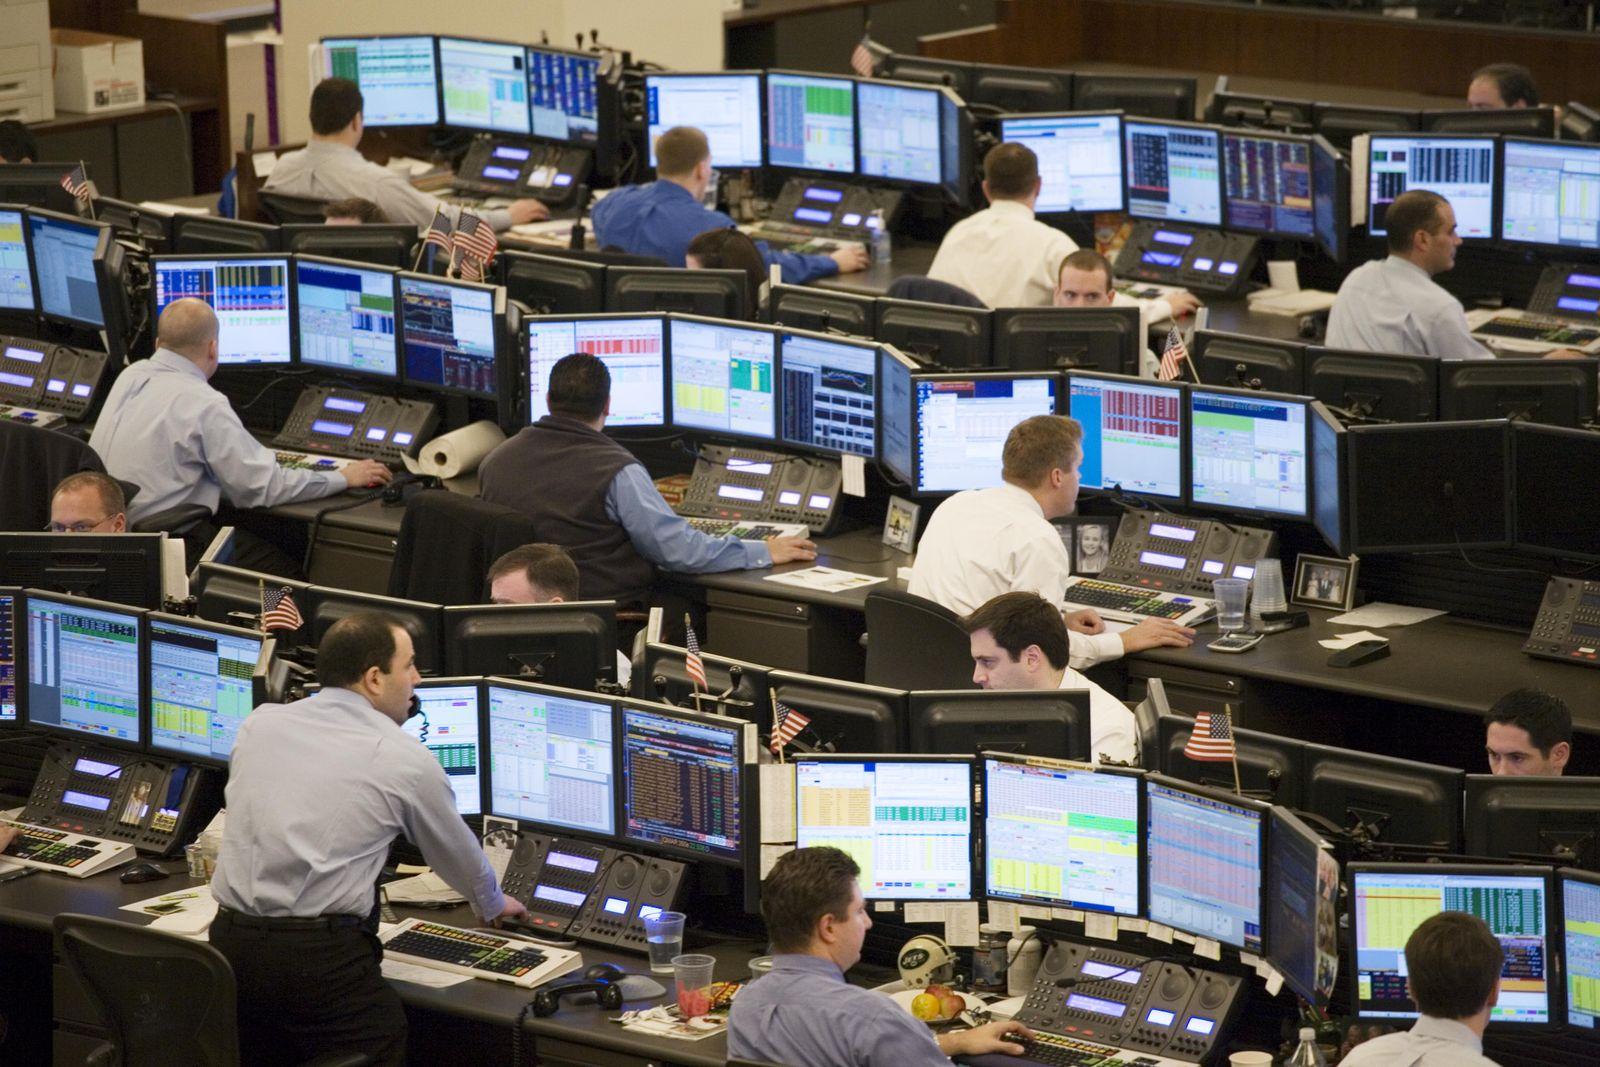 Börse / Computer-Handel